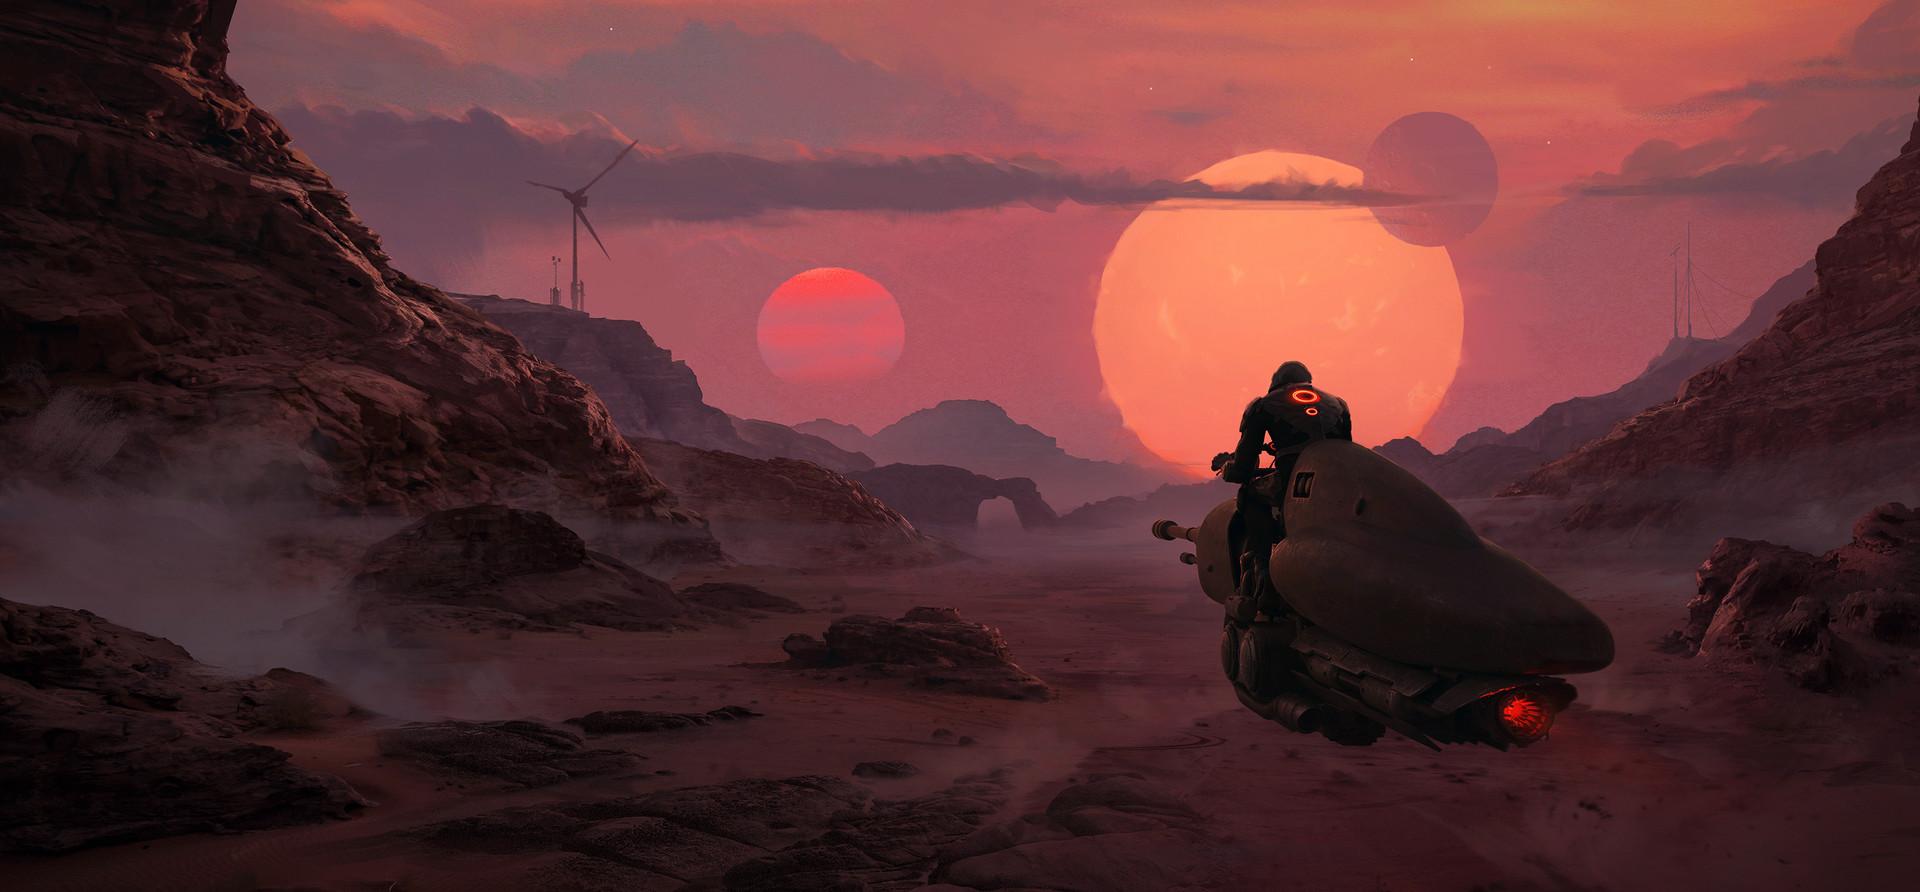 The Science Fiction Art of Thu Berchs | Digital Artist